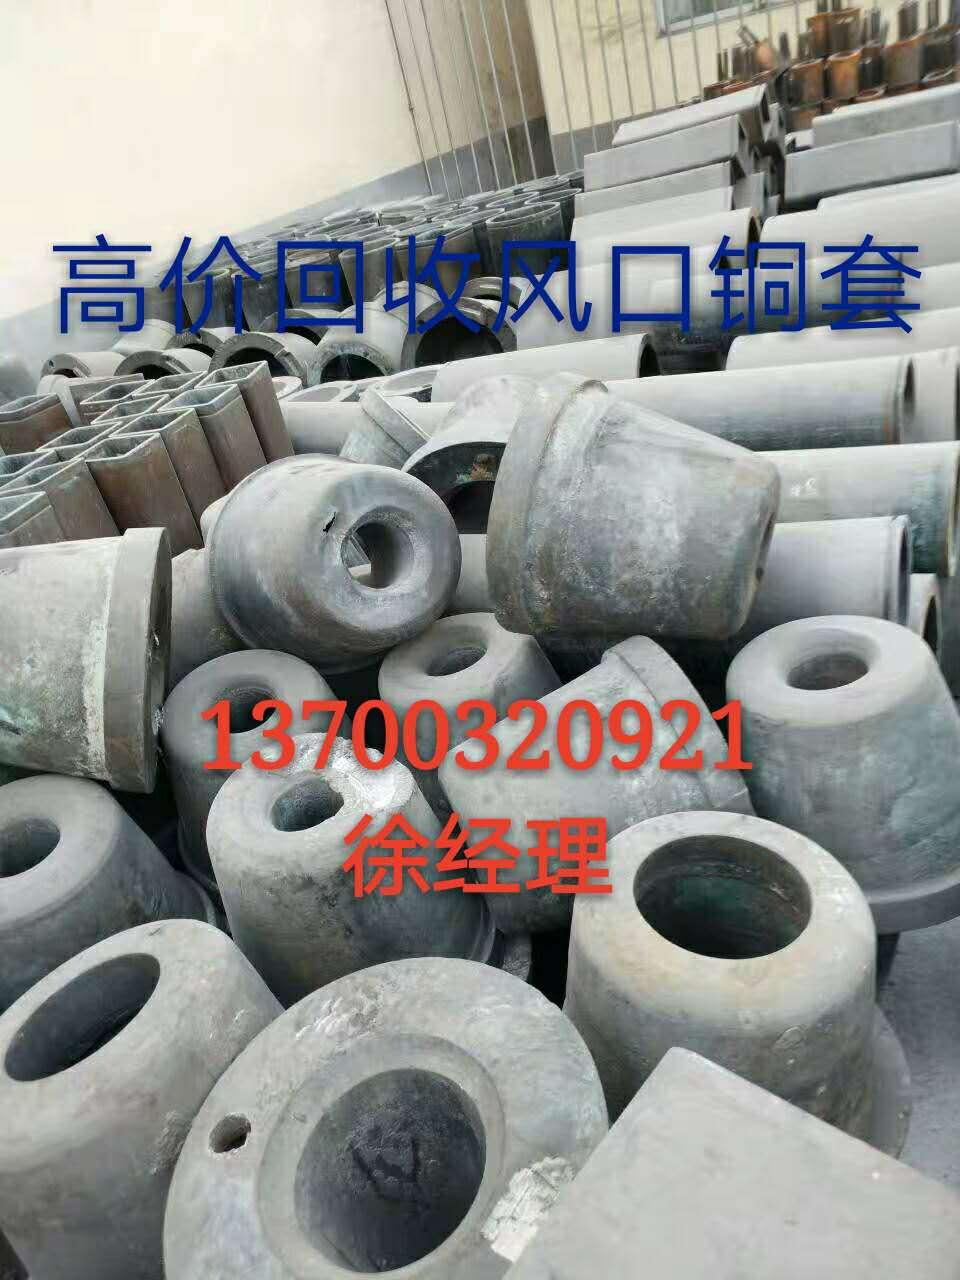 北京顺义废铜回收上门回收